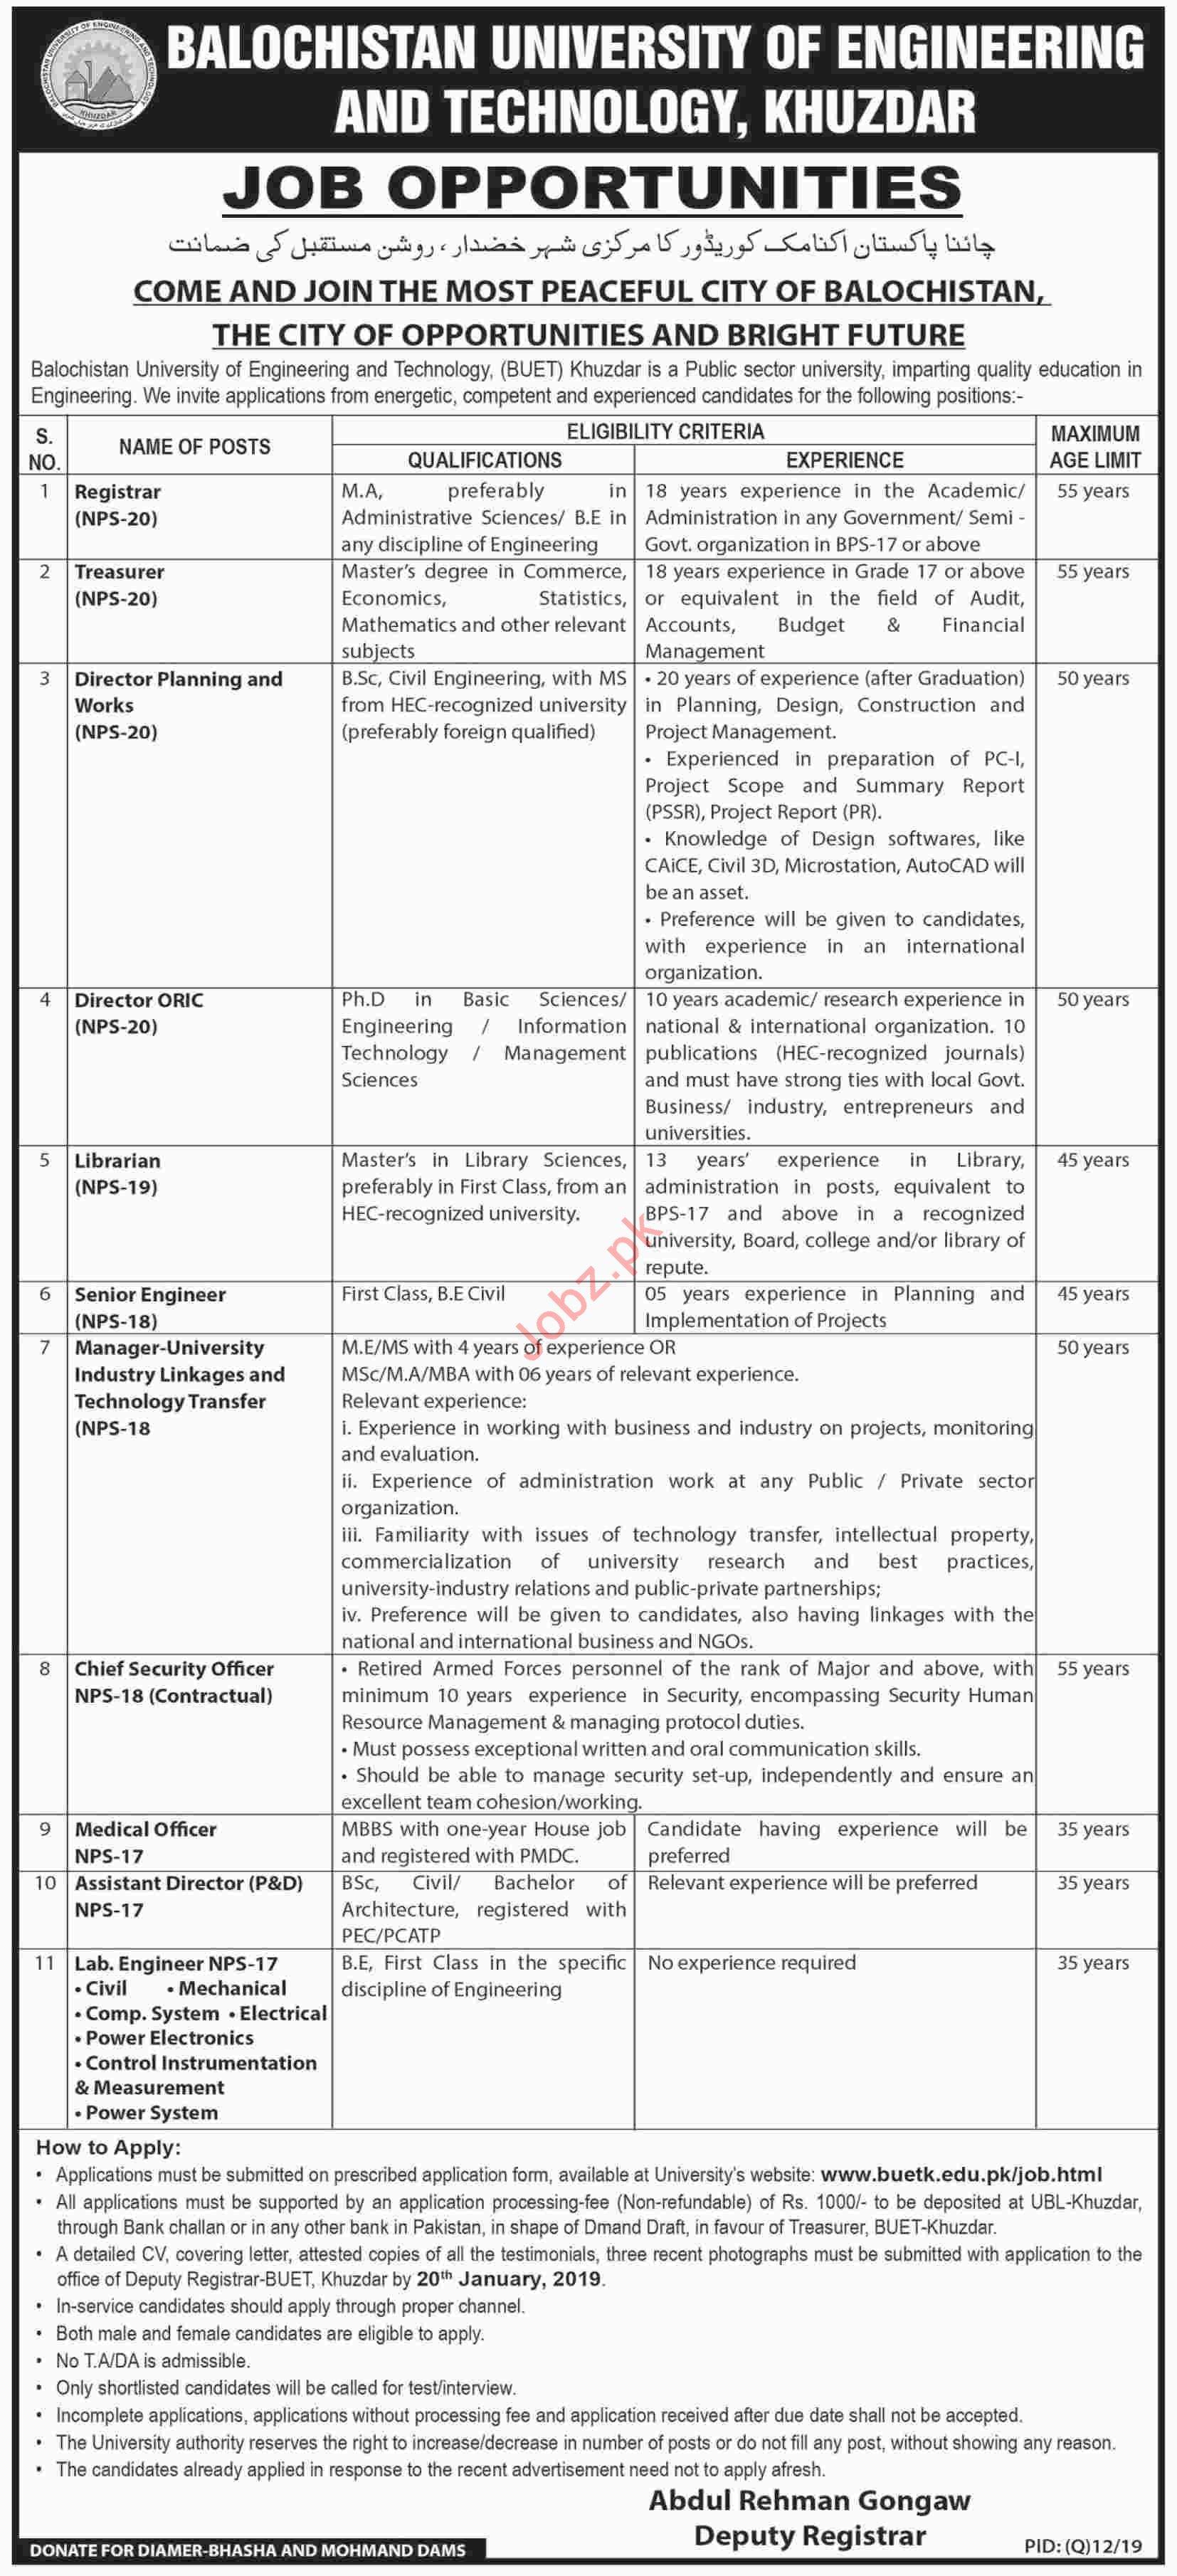 BUETK University Khuzdar Jobs 2019 for Registrar & Treasurer